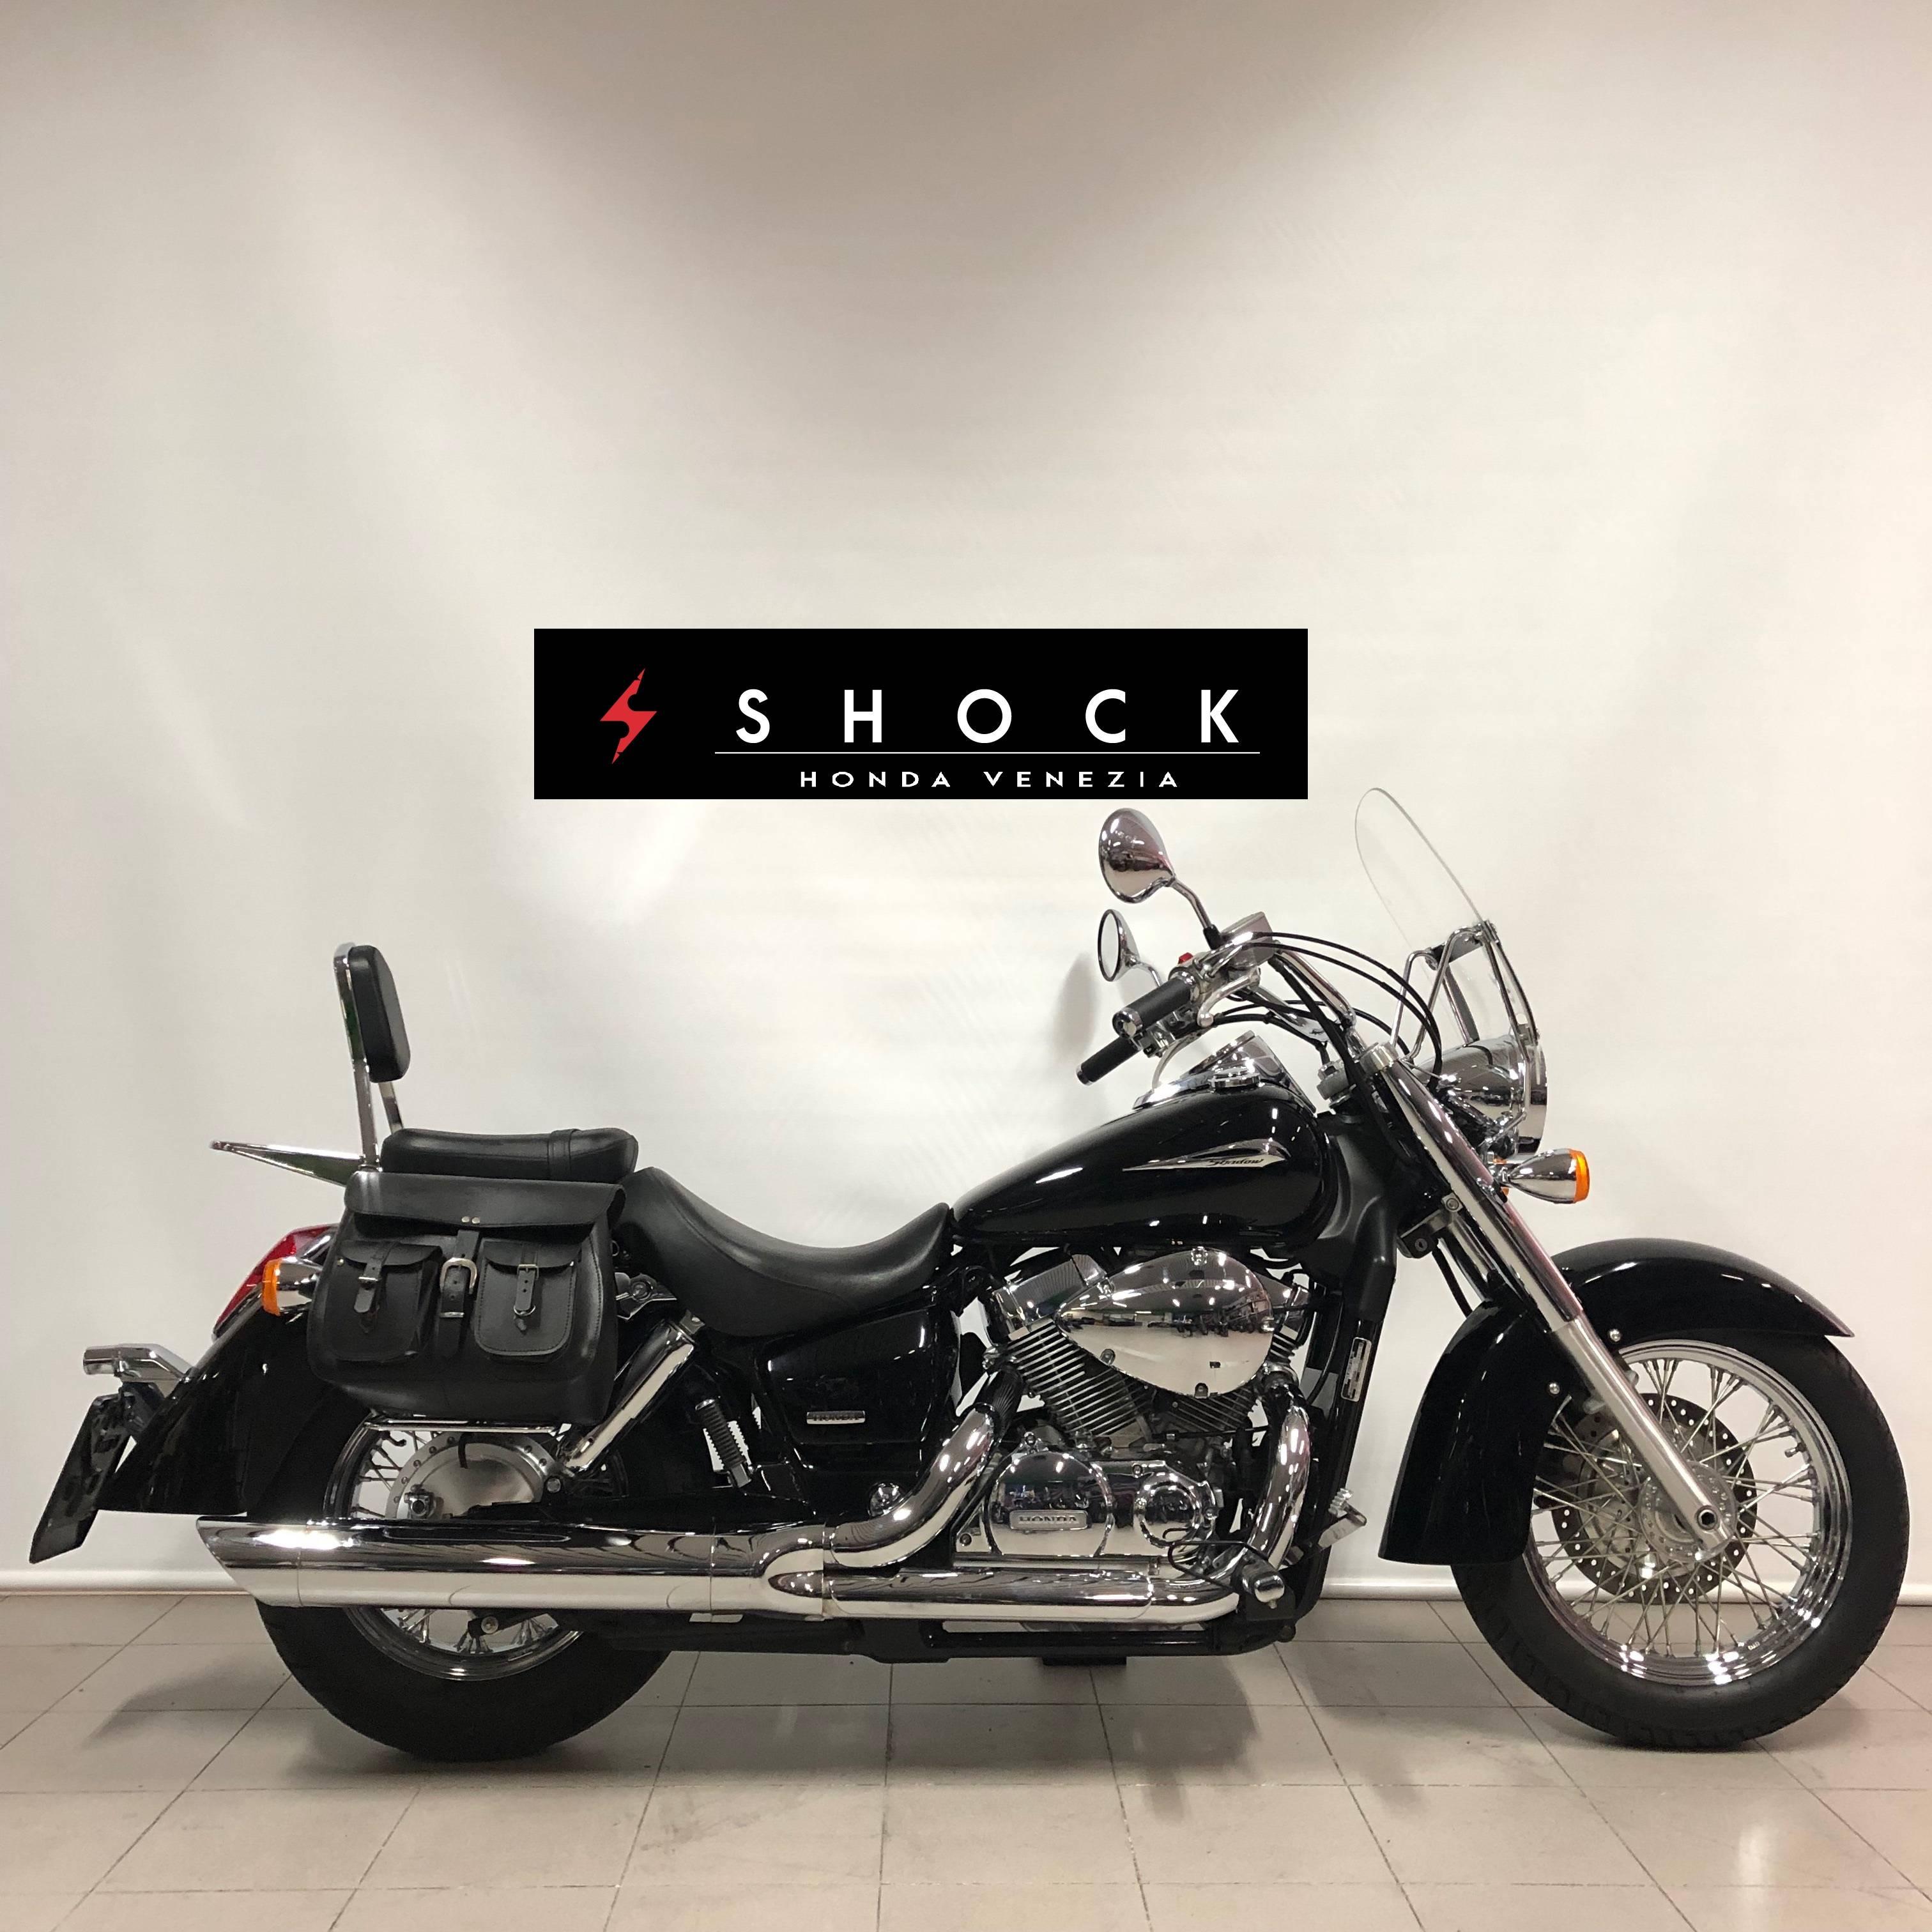 Vendo Honda Vt750c Shadow Usata Shock Honda